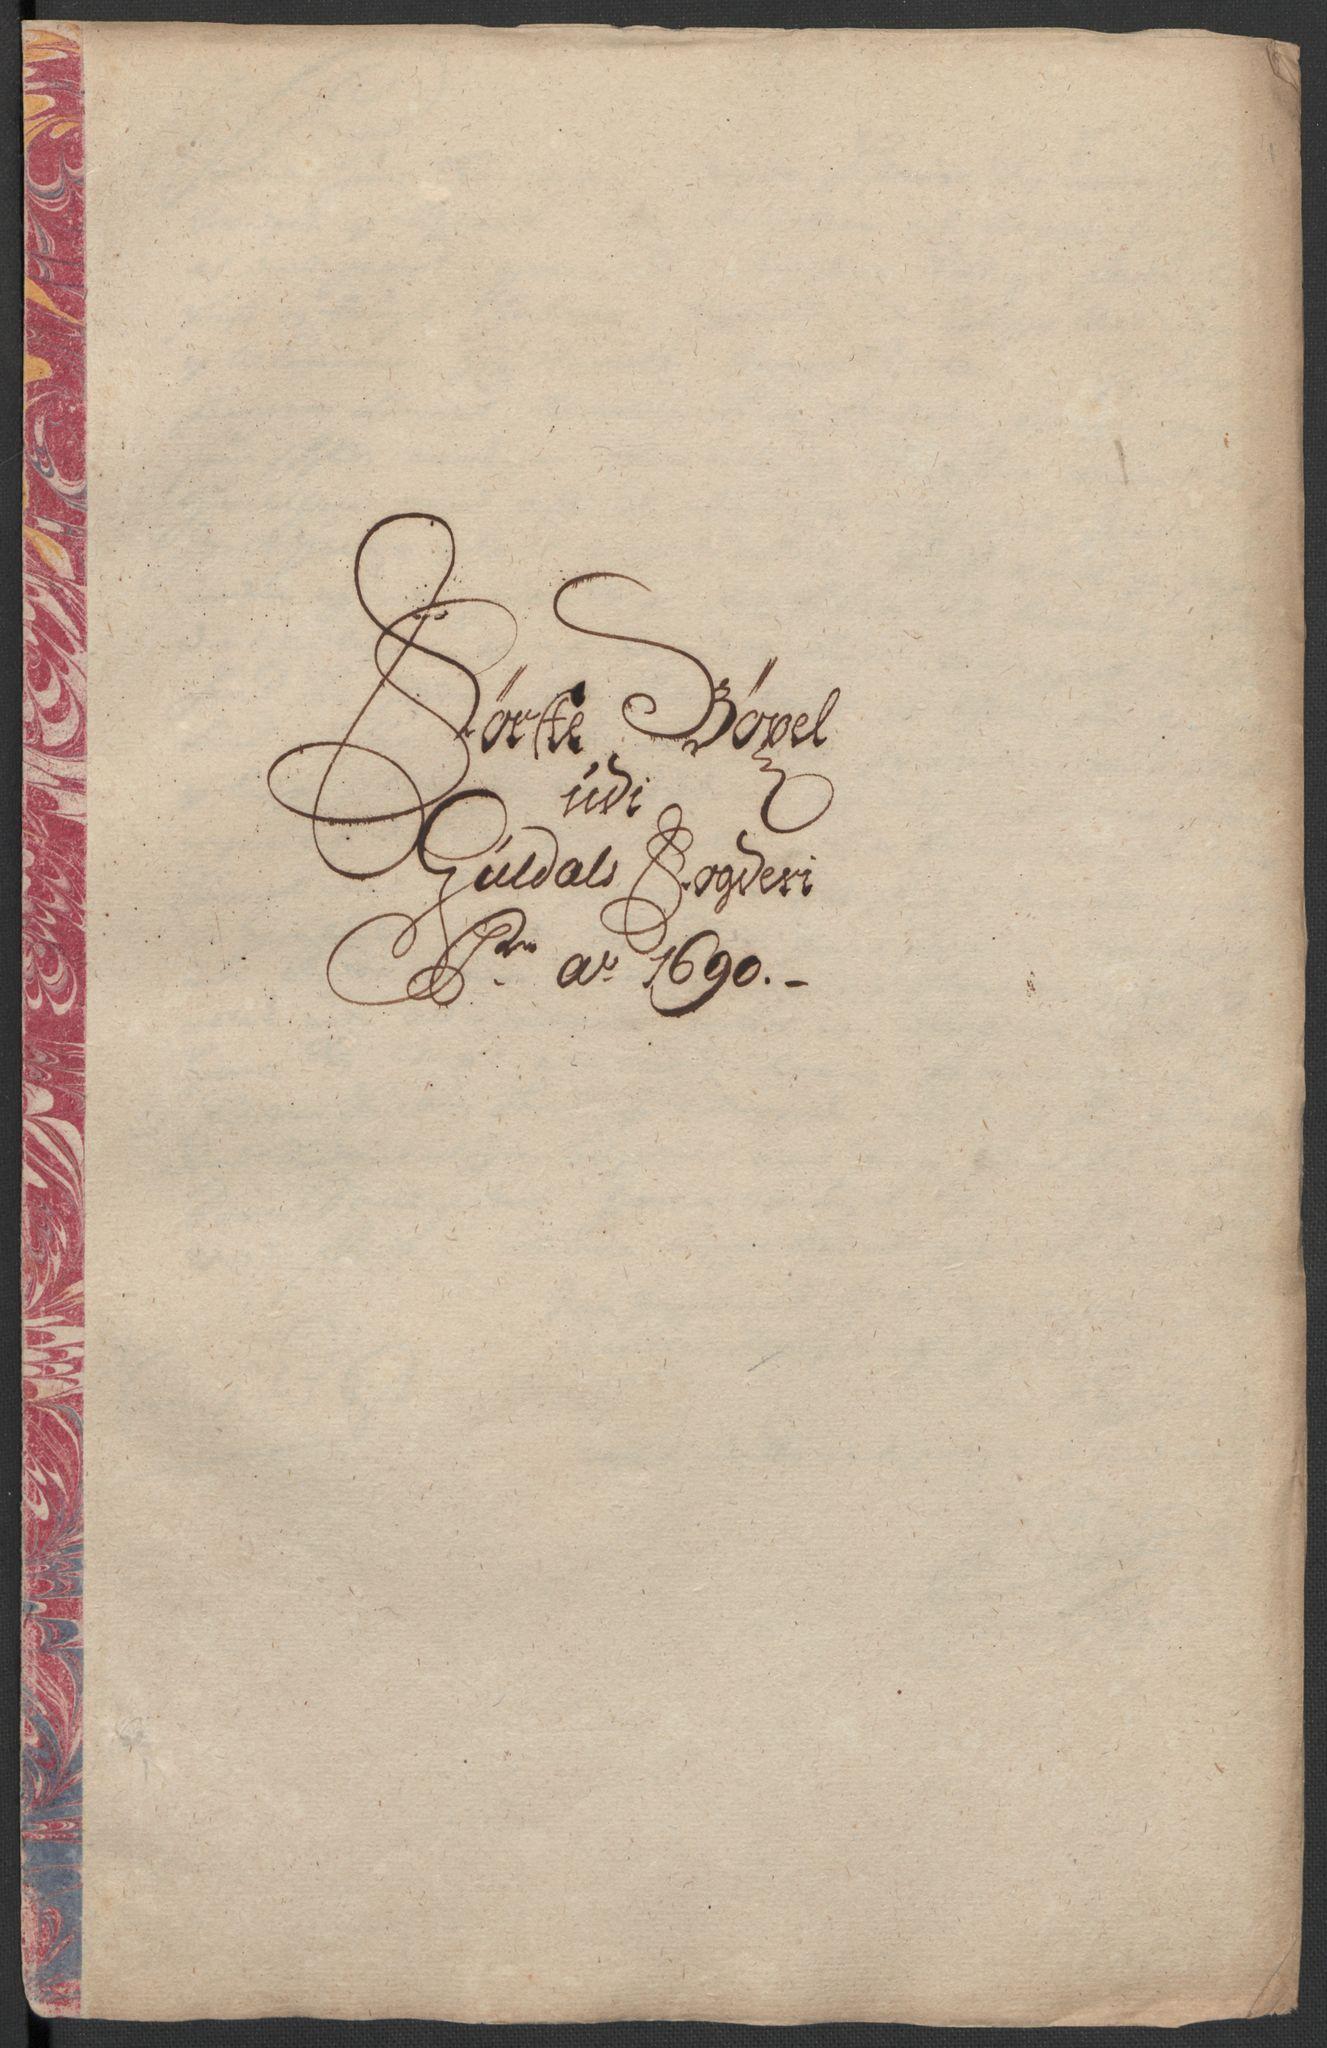 RA, Rentekammeret inntil 1814, Reviderte regnskaper, Fogderegnskap, R59/L3940: Fogderegnskap Gauldal, 1689-1690, s. 349